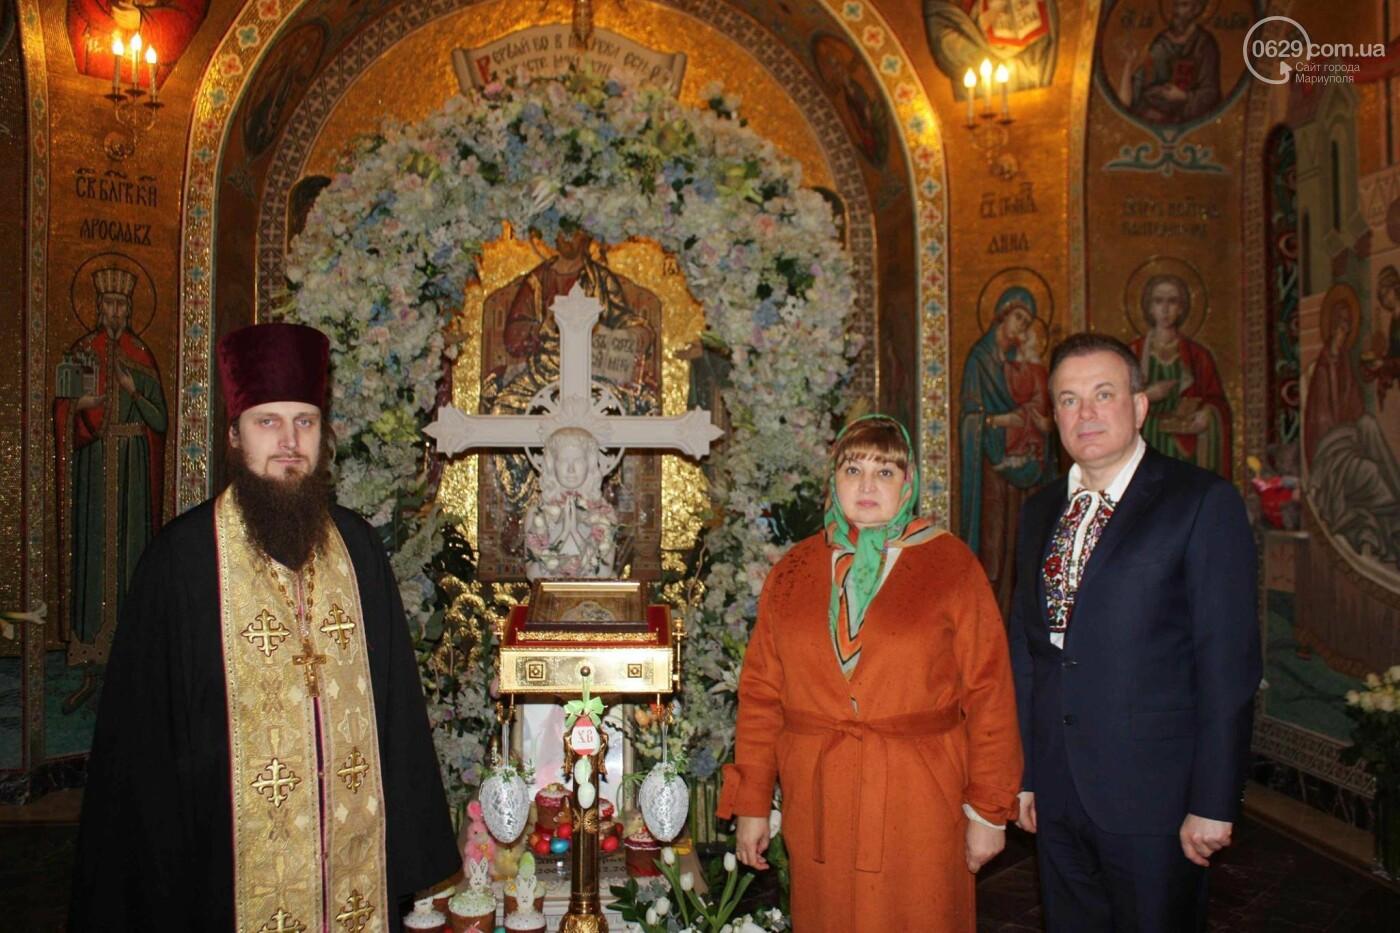 27 апреля Благодатный огонь из Иерусалима доставят в Свято-Покровский храм с.Боевое. Приглашаем на Пасхальное торжество, фото-34